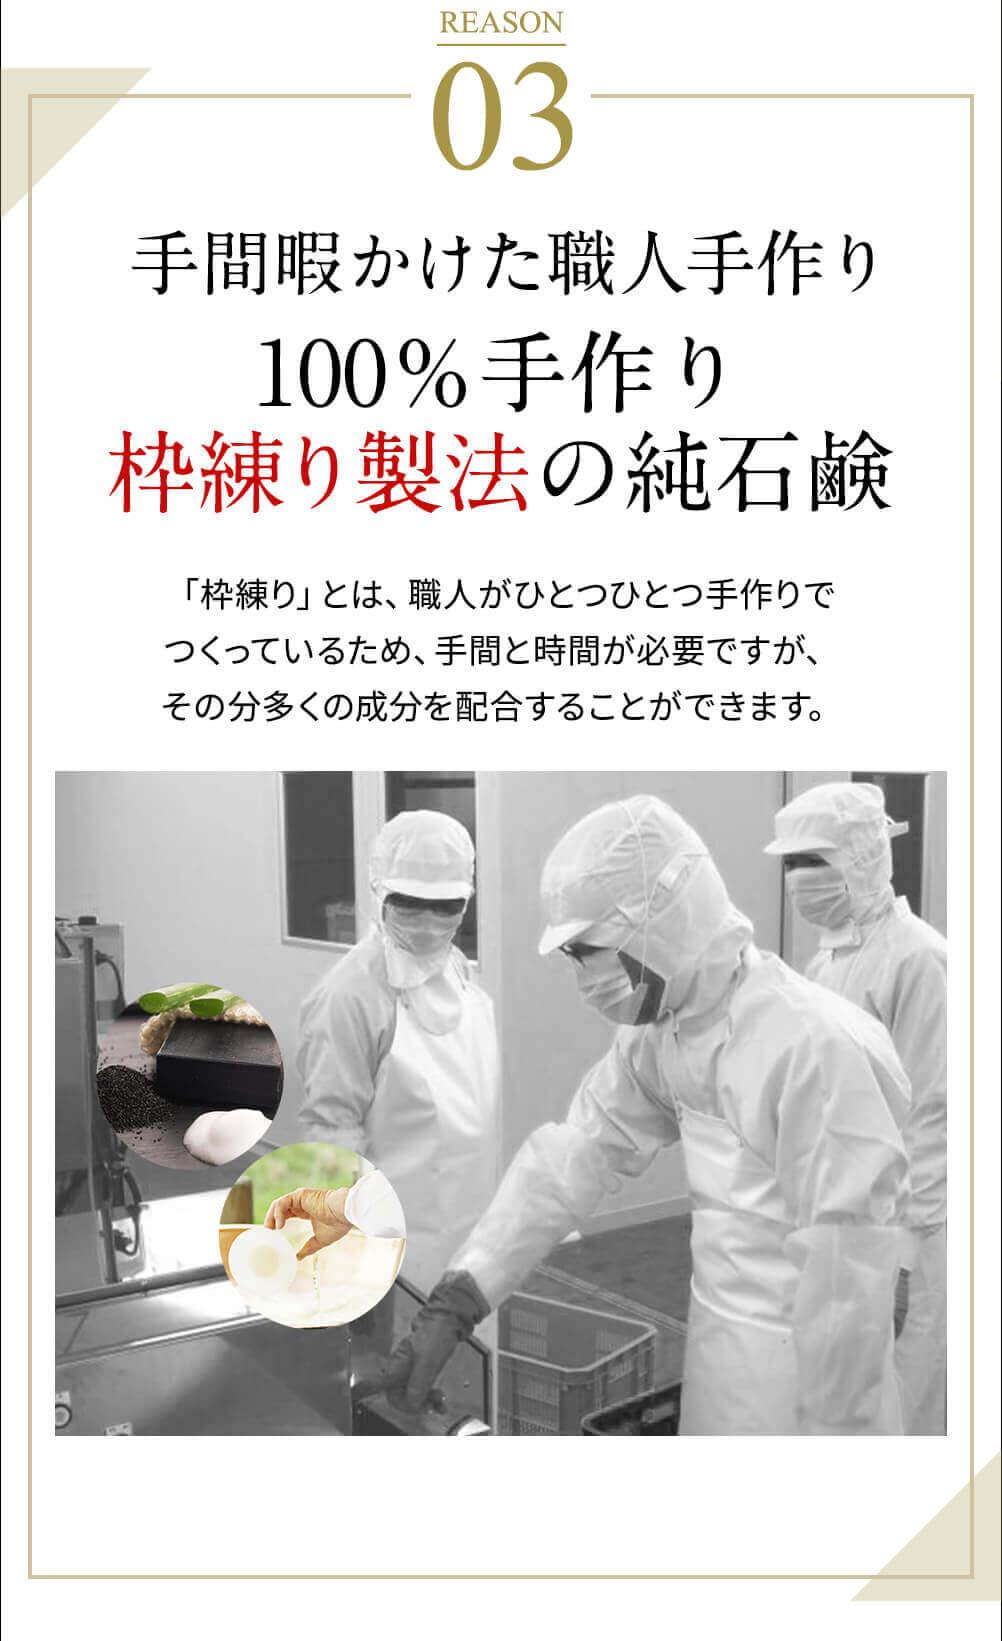 03手間暇かけた職人手作り100%手作り枠練り製法の純石鹸